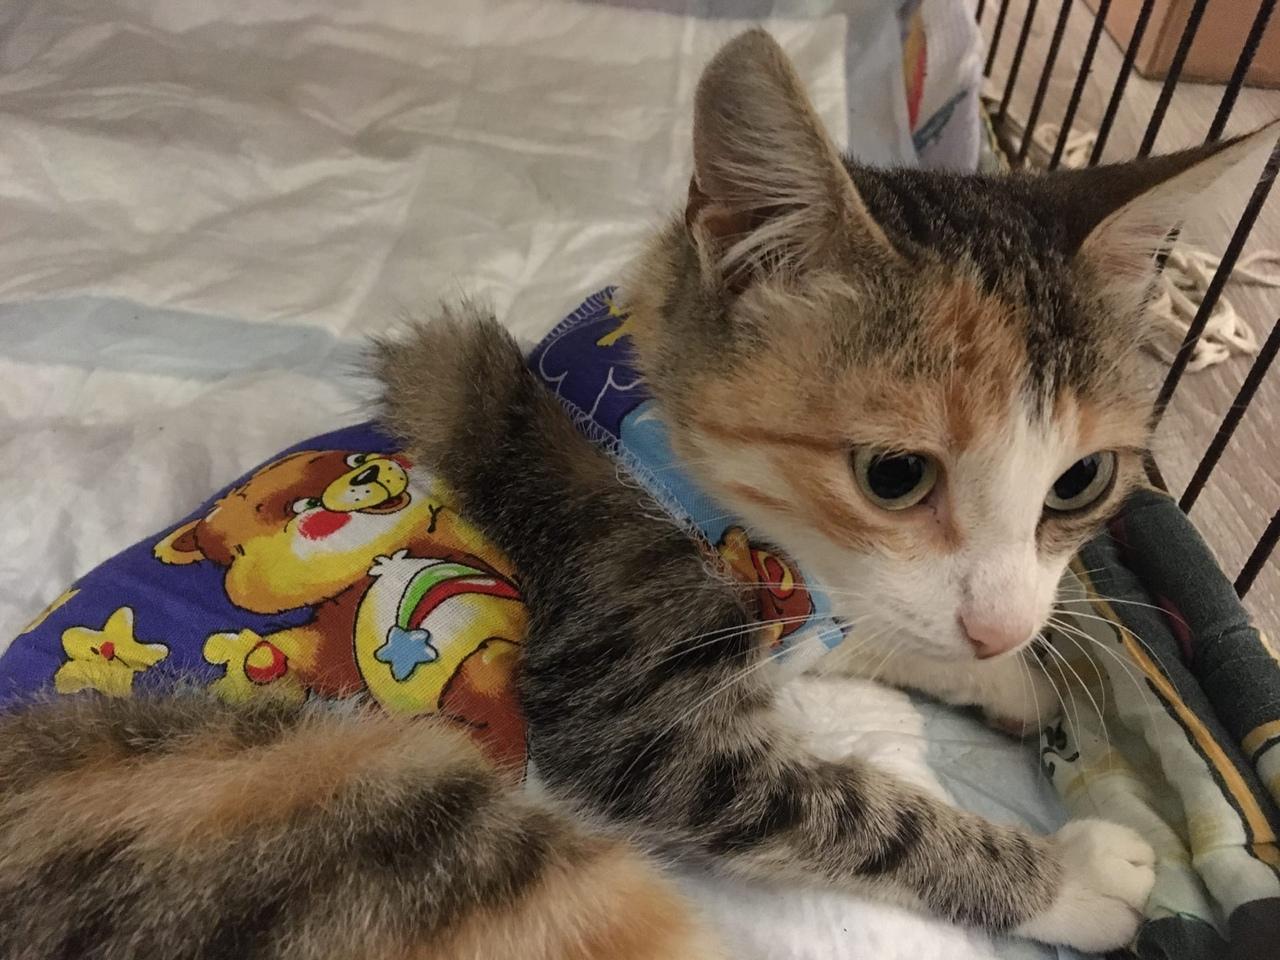 23 июля на ул.Индустриальная была выловлена беременная кошечка, всех соседей и б...